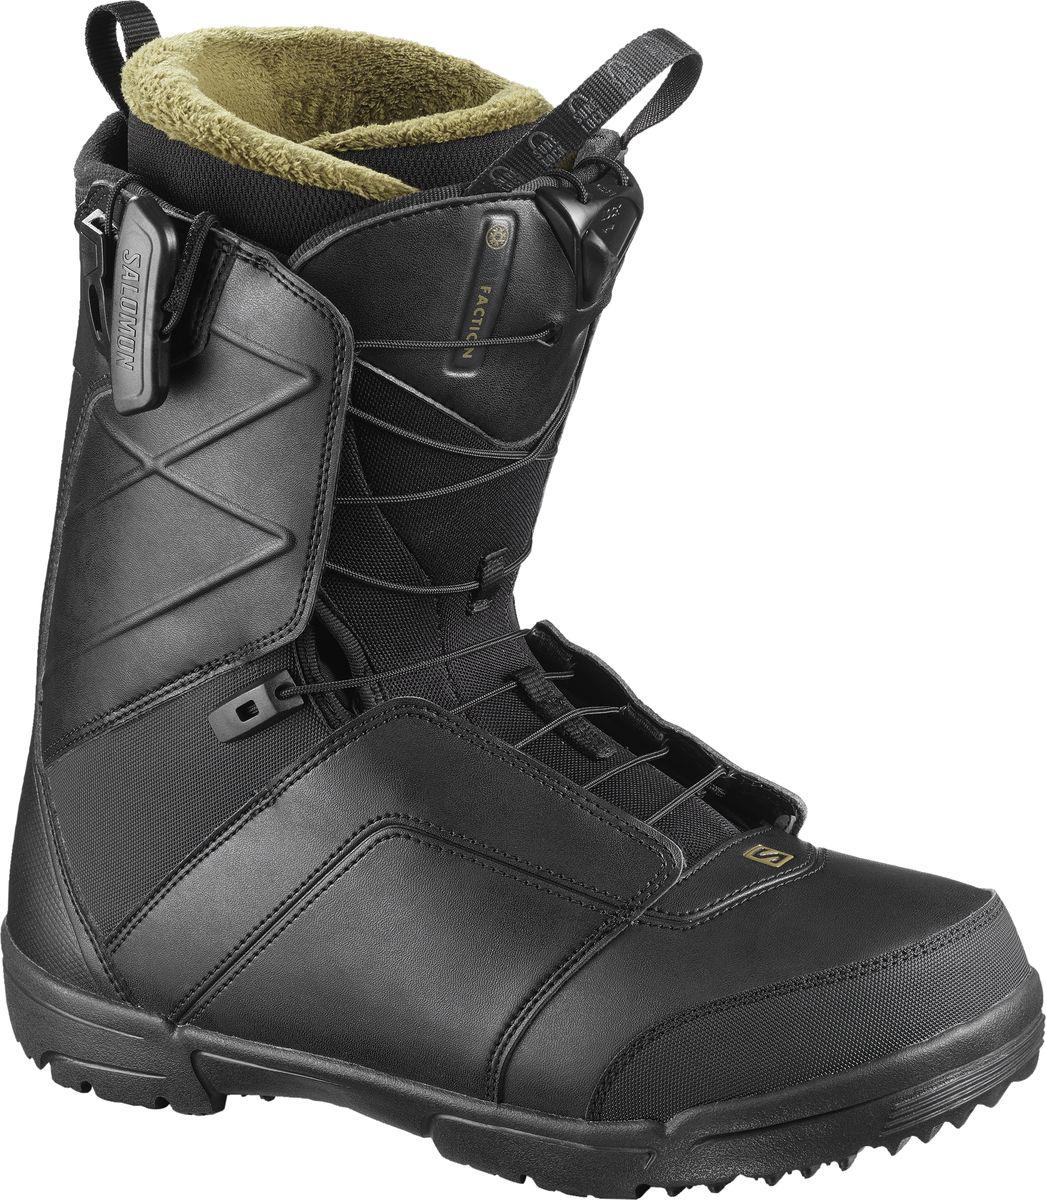 Ботинки для сноуборда мужские Salomon Faction, цвет: черный. Размер 47